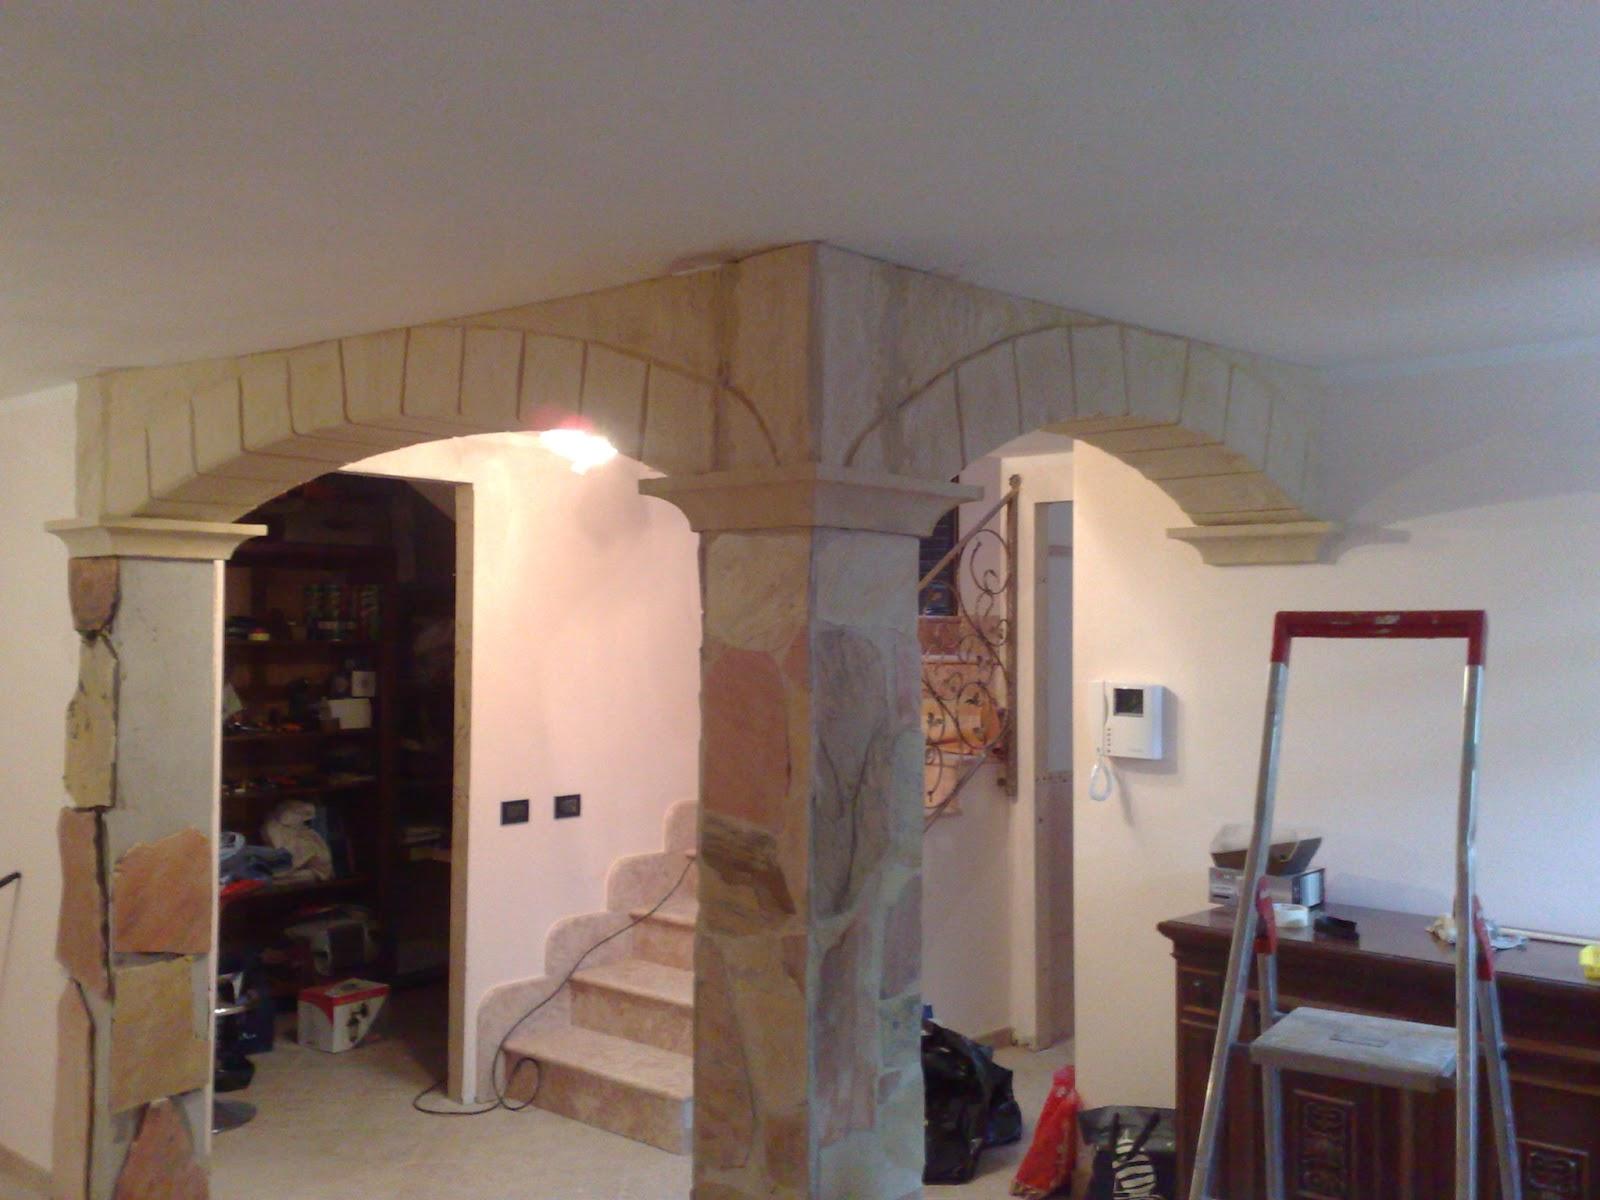 ... pilastri, archi, pannellature varie e rivestimenti personalizzati